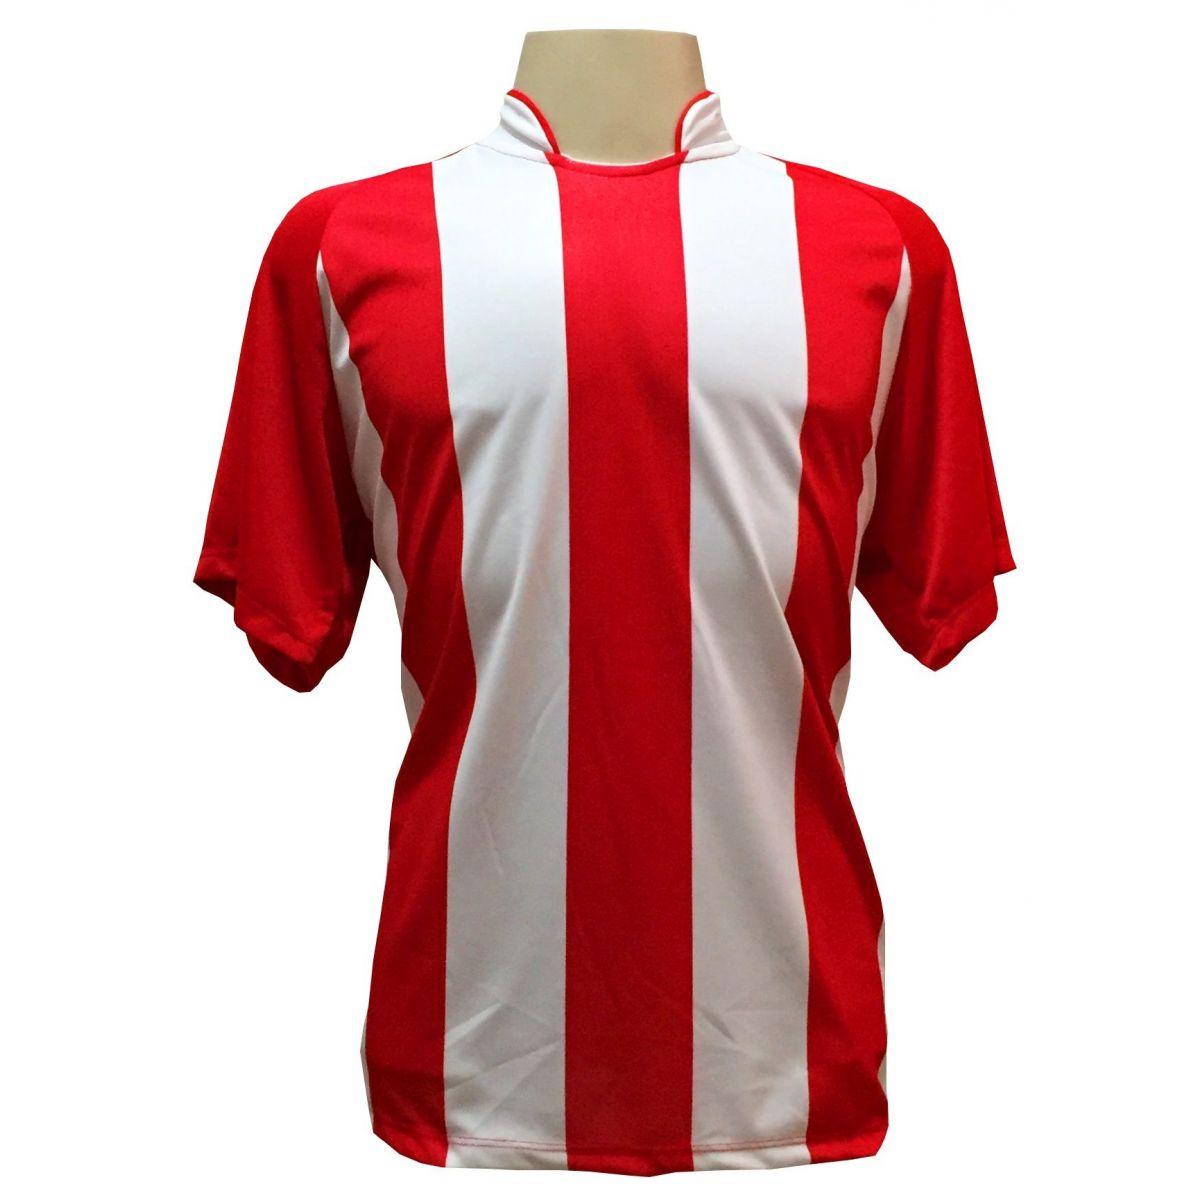 Fardamento Completo modelo Milan 20+2 (20 camisas Vermelho/Branco + 20 calções modelo Madrid Royal + 20 pares de meiões Branco + 2 conjuntos de goleiro) + Brindes